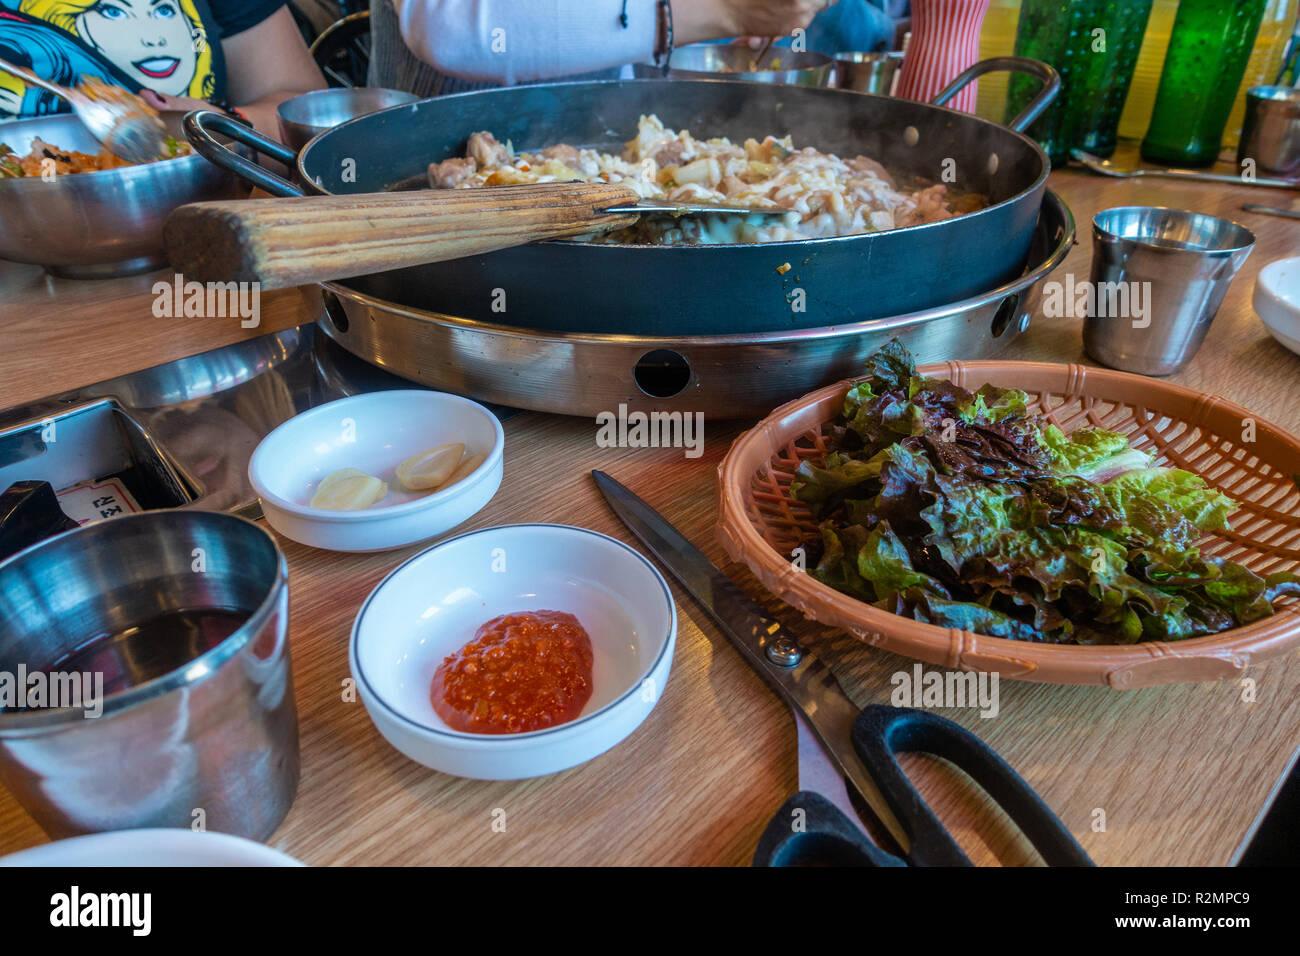 Kochen Huhn Galbi Auf Einer Heissen Platte Am Tisch In Einem